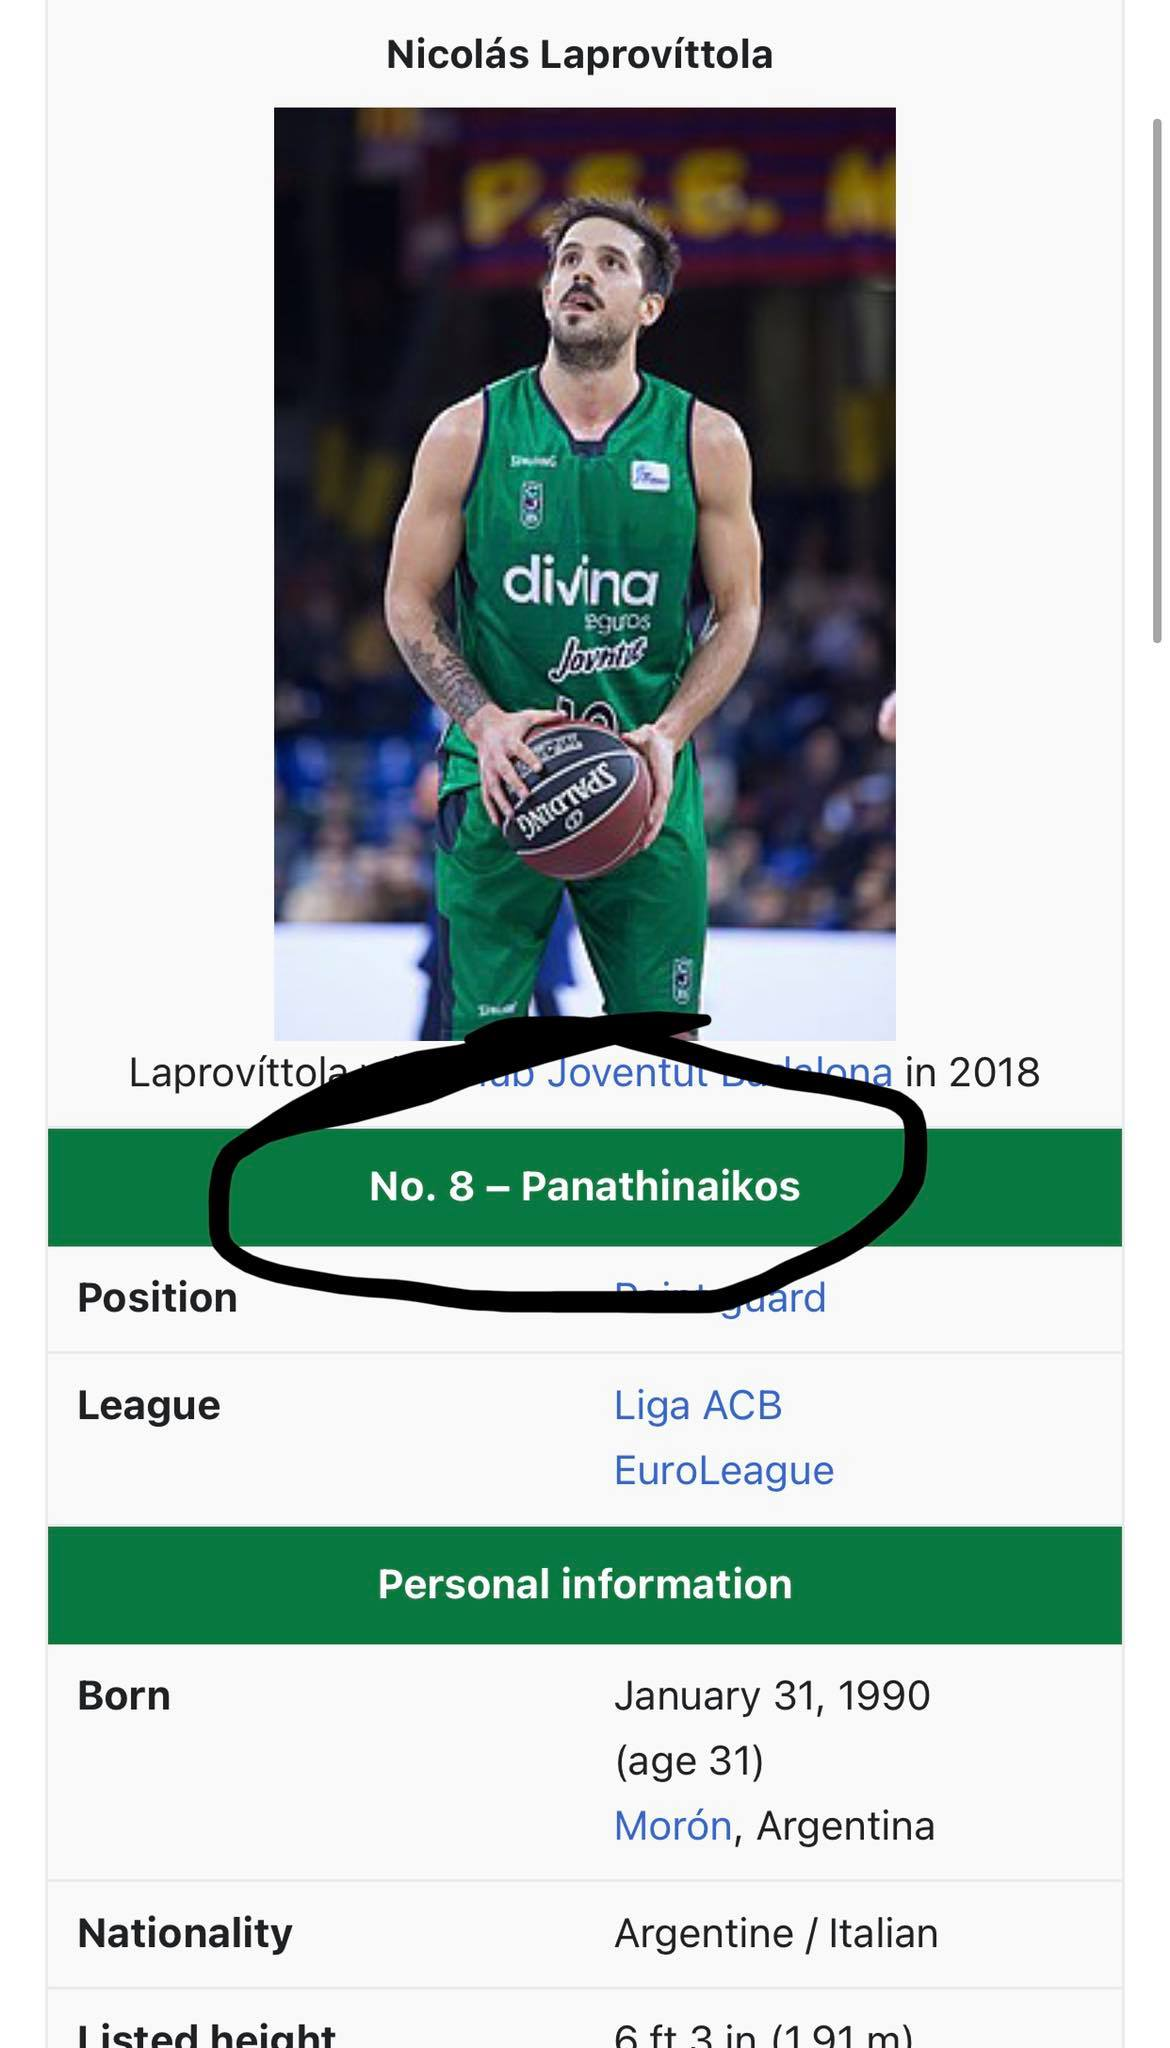 Τα' παιξε η Wikipedia: «Στον Παναθηναϊκό με το νο8 ο Λαπροβίτολα!» (pic)